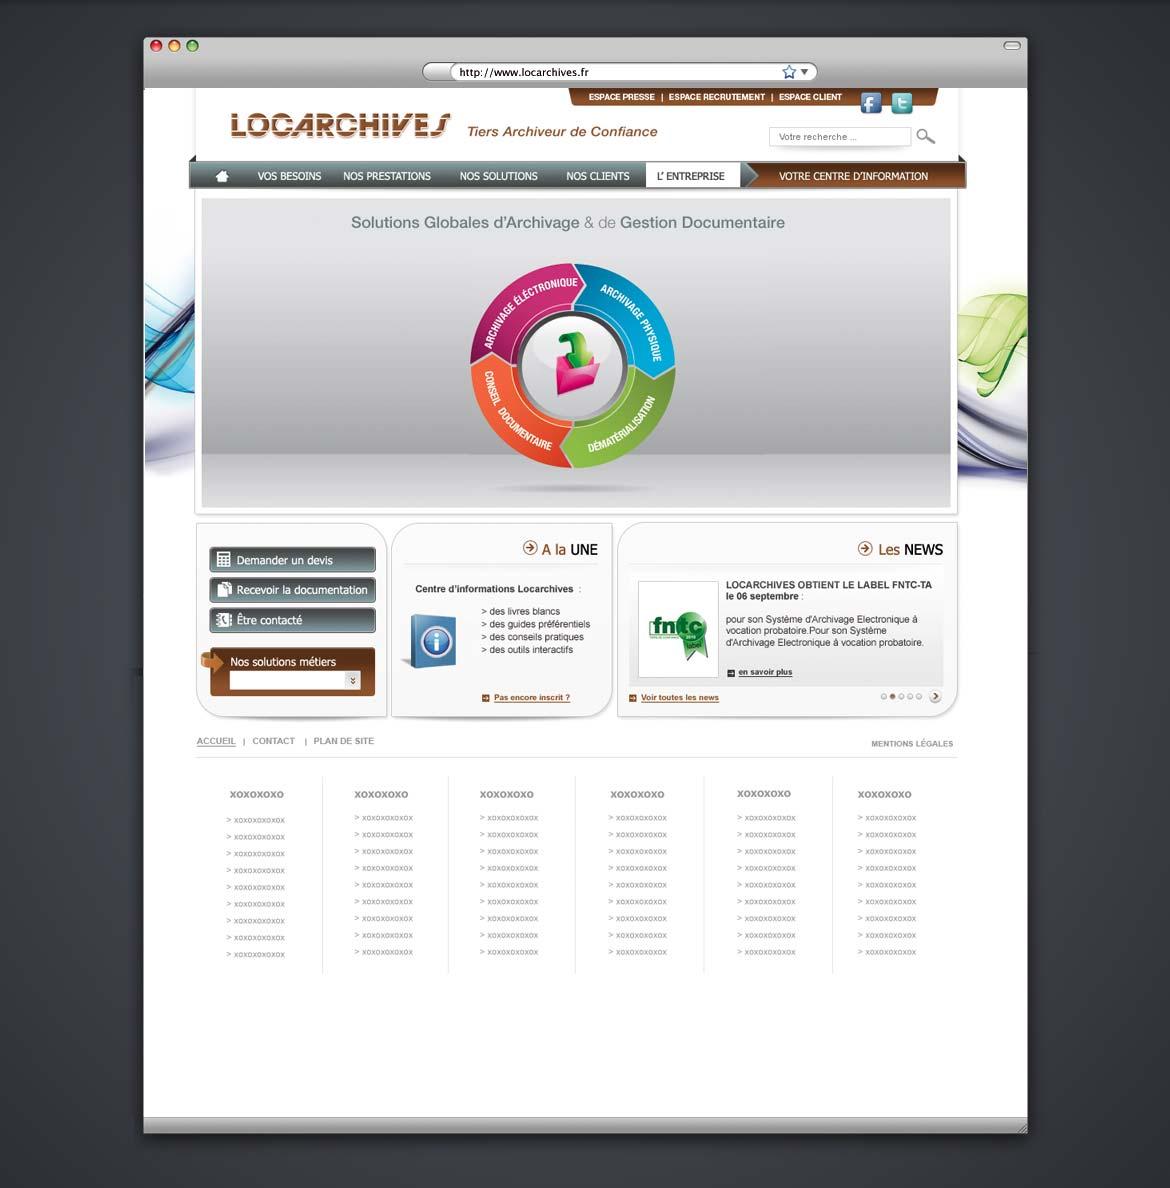 Présentation de la maquette graphique de la page d'accueil du site